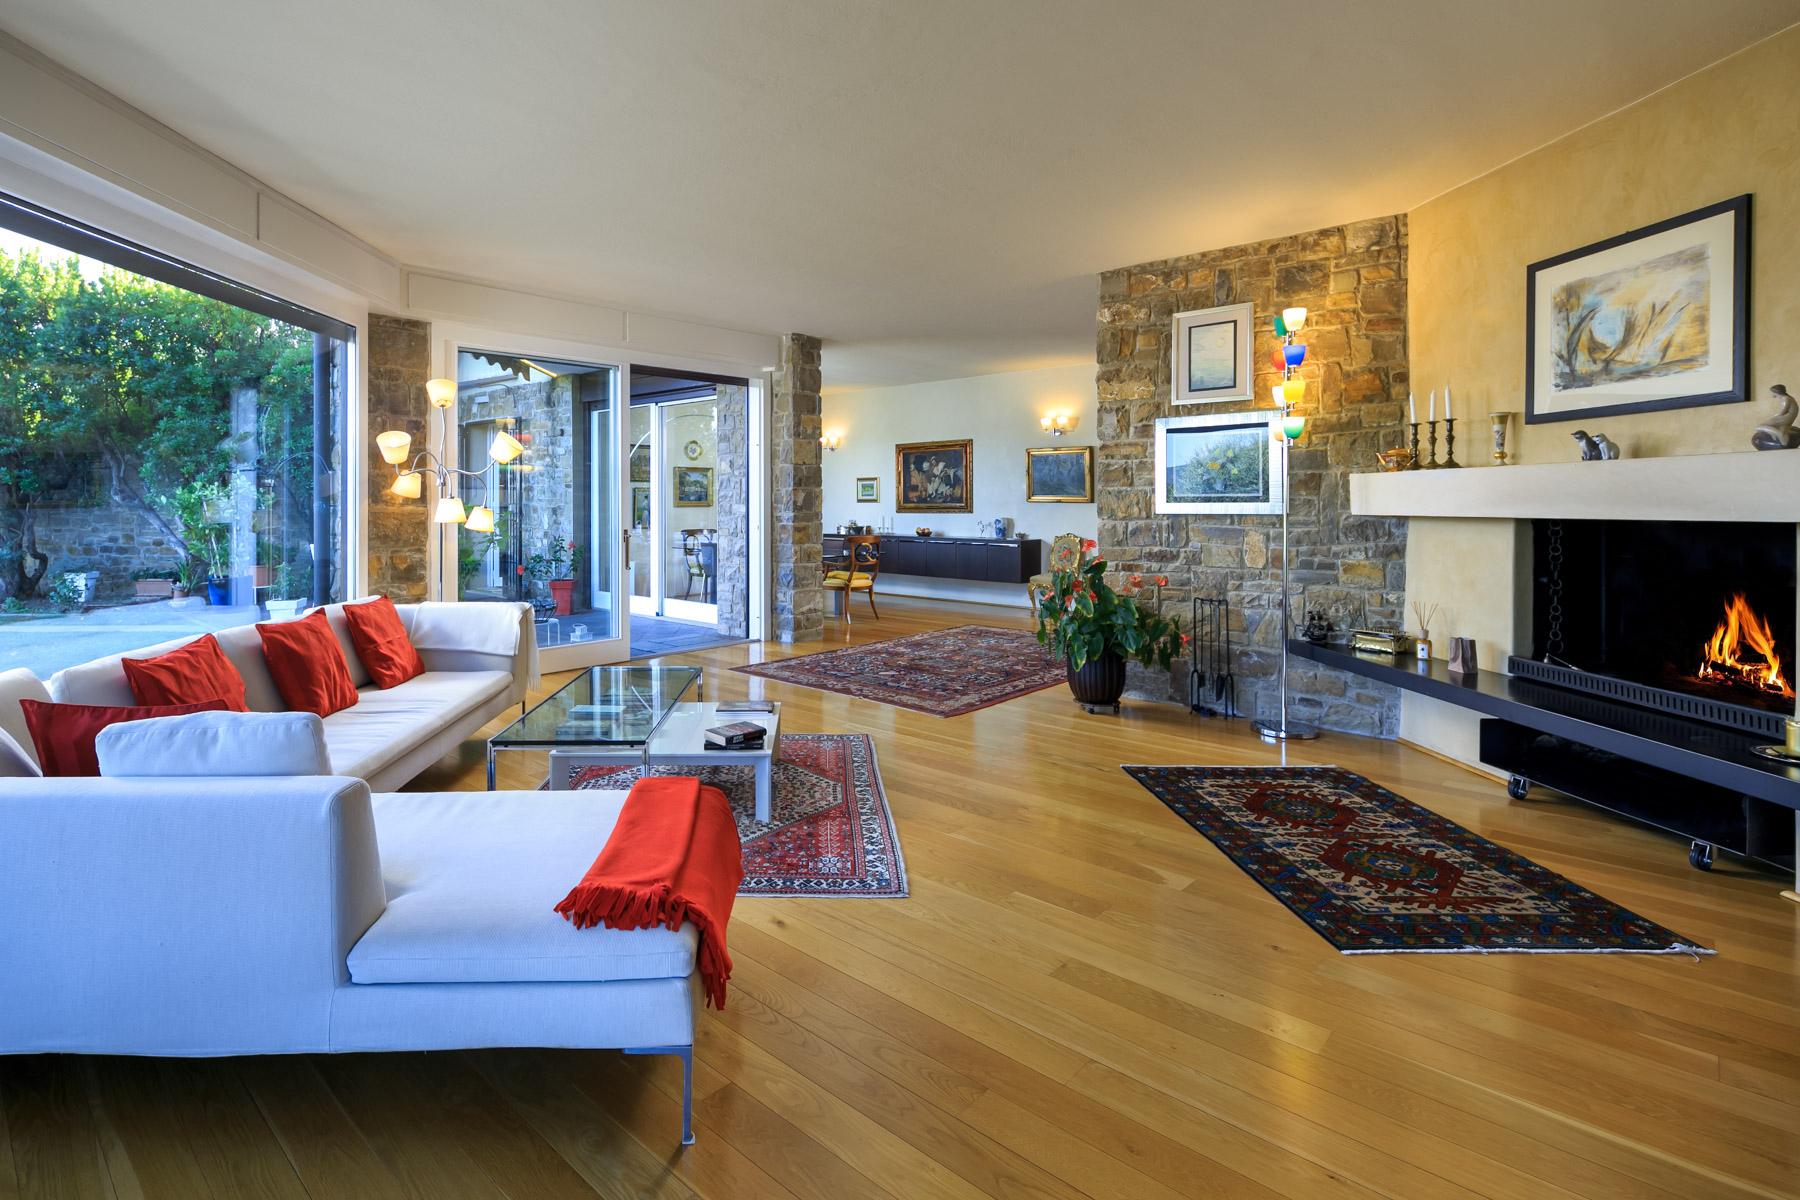 Casa indipendente in Vendita a Impruneta: 5 locali, 300 mq - Foto 6